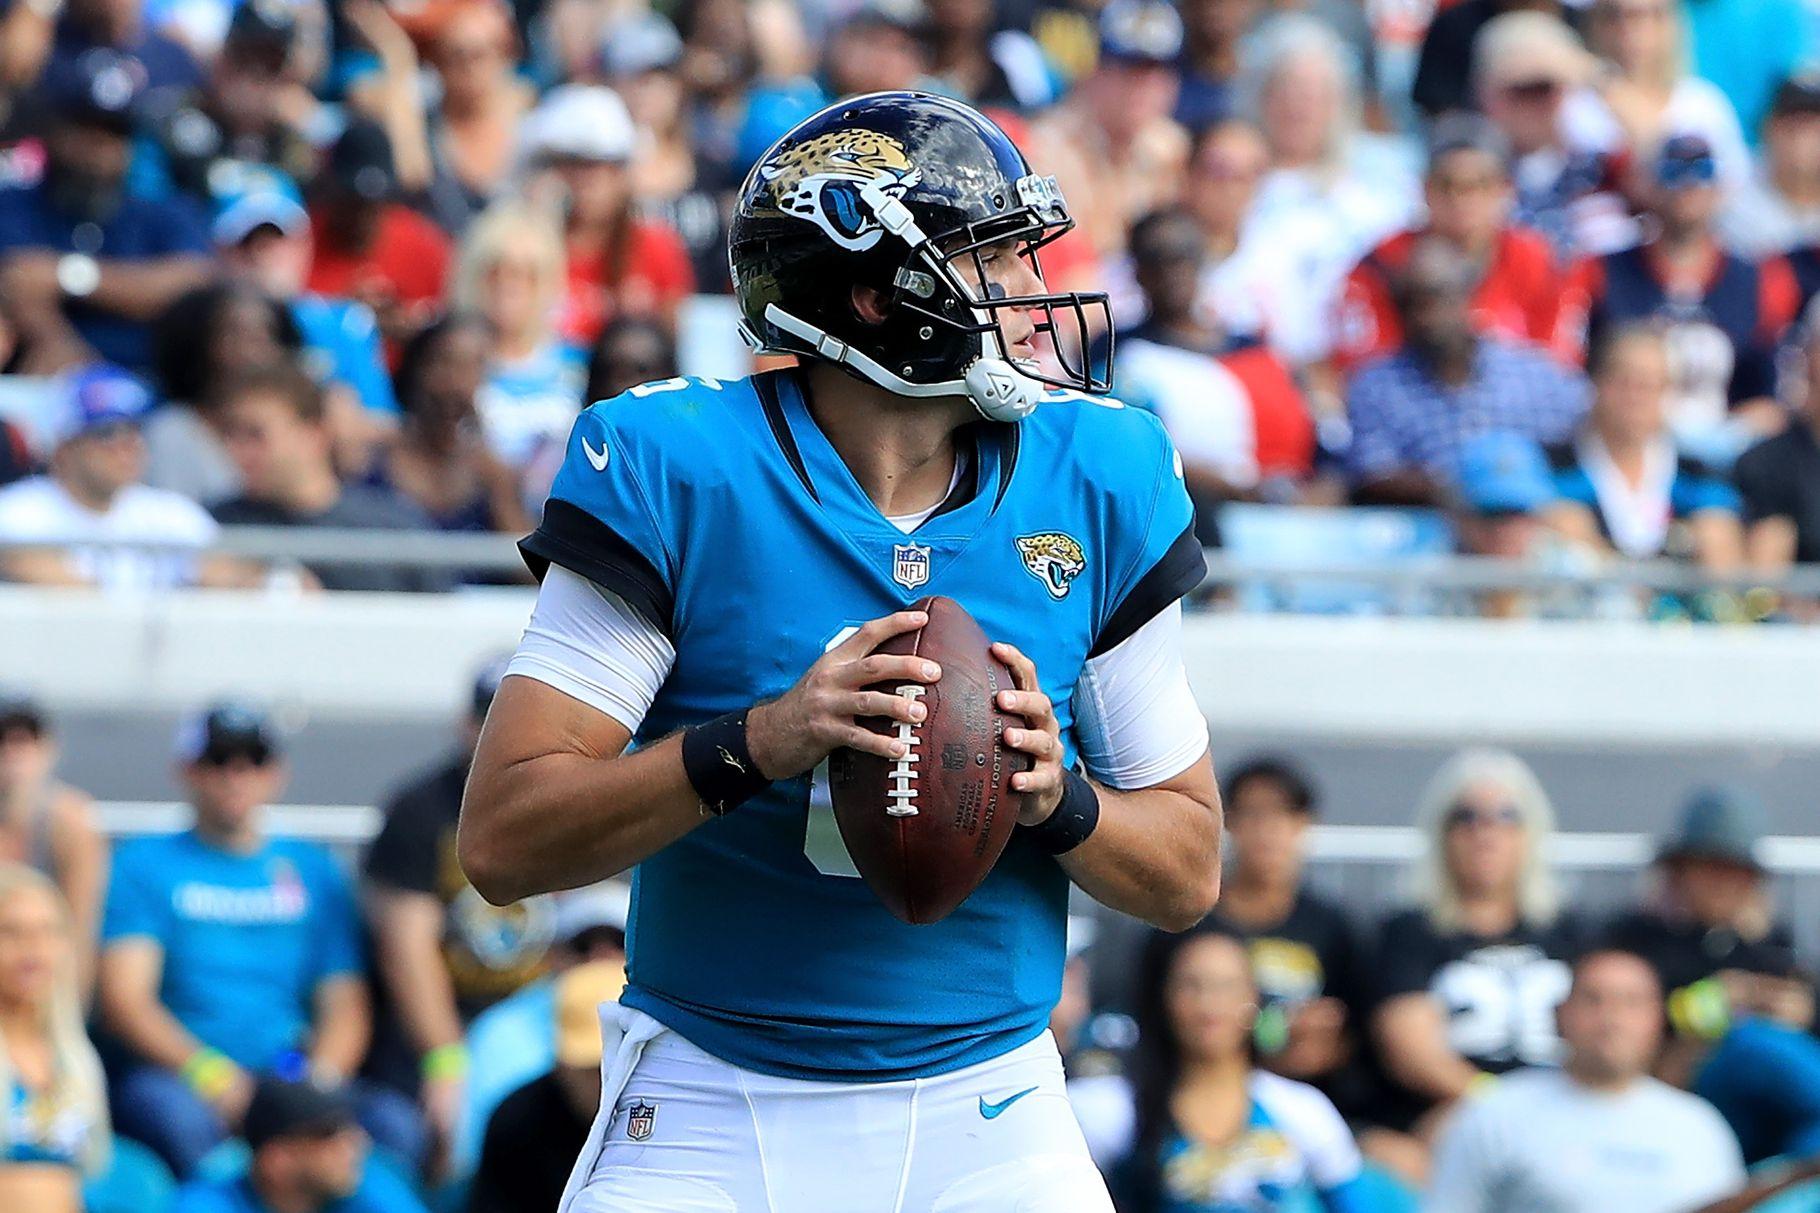 Jaguars name Cody Kessler starting quarterback - Big Cat